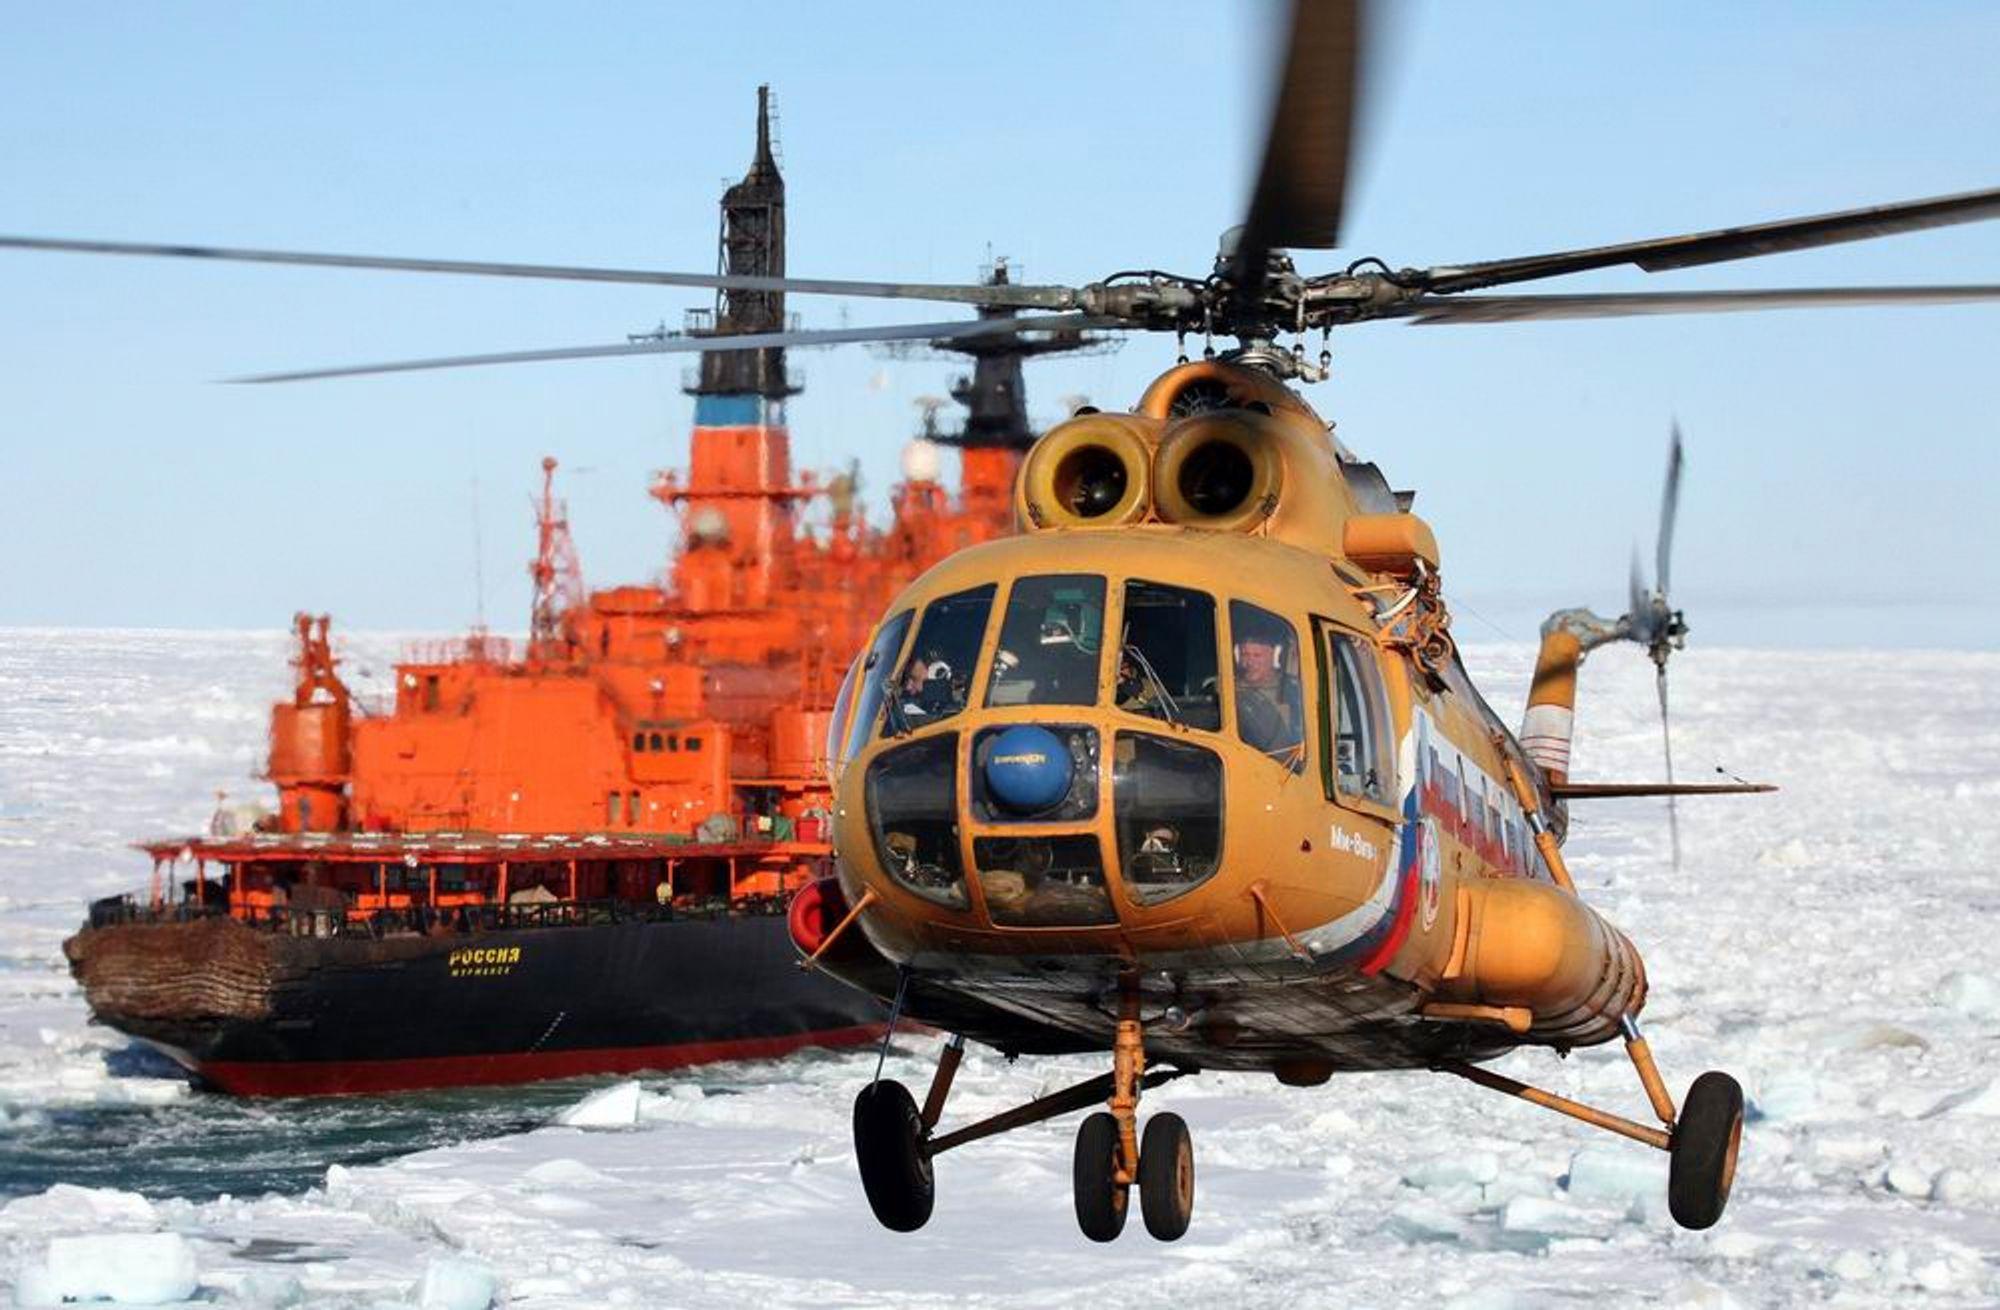 På Solakonferansen hadde russiske helikoptre på storskjerm rollen som fanden på veggen. Mi-8 blir nok brukt som eksempel fordi det er kjent for å ha en dårlig sikkerhetsstatistikk. Til helikopterets forsvar er det produsert svært mange av dem (>17 000) og det er ikke nødvendigvis designfeil som er årsak til en luftfartsulykke. For eksempel var manglende brøyting av landingsplassen en vesentlig årsak til Mi-8 ulykken på Svalbard i 2008, som kostet tre liv.